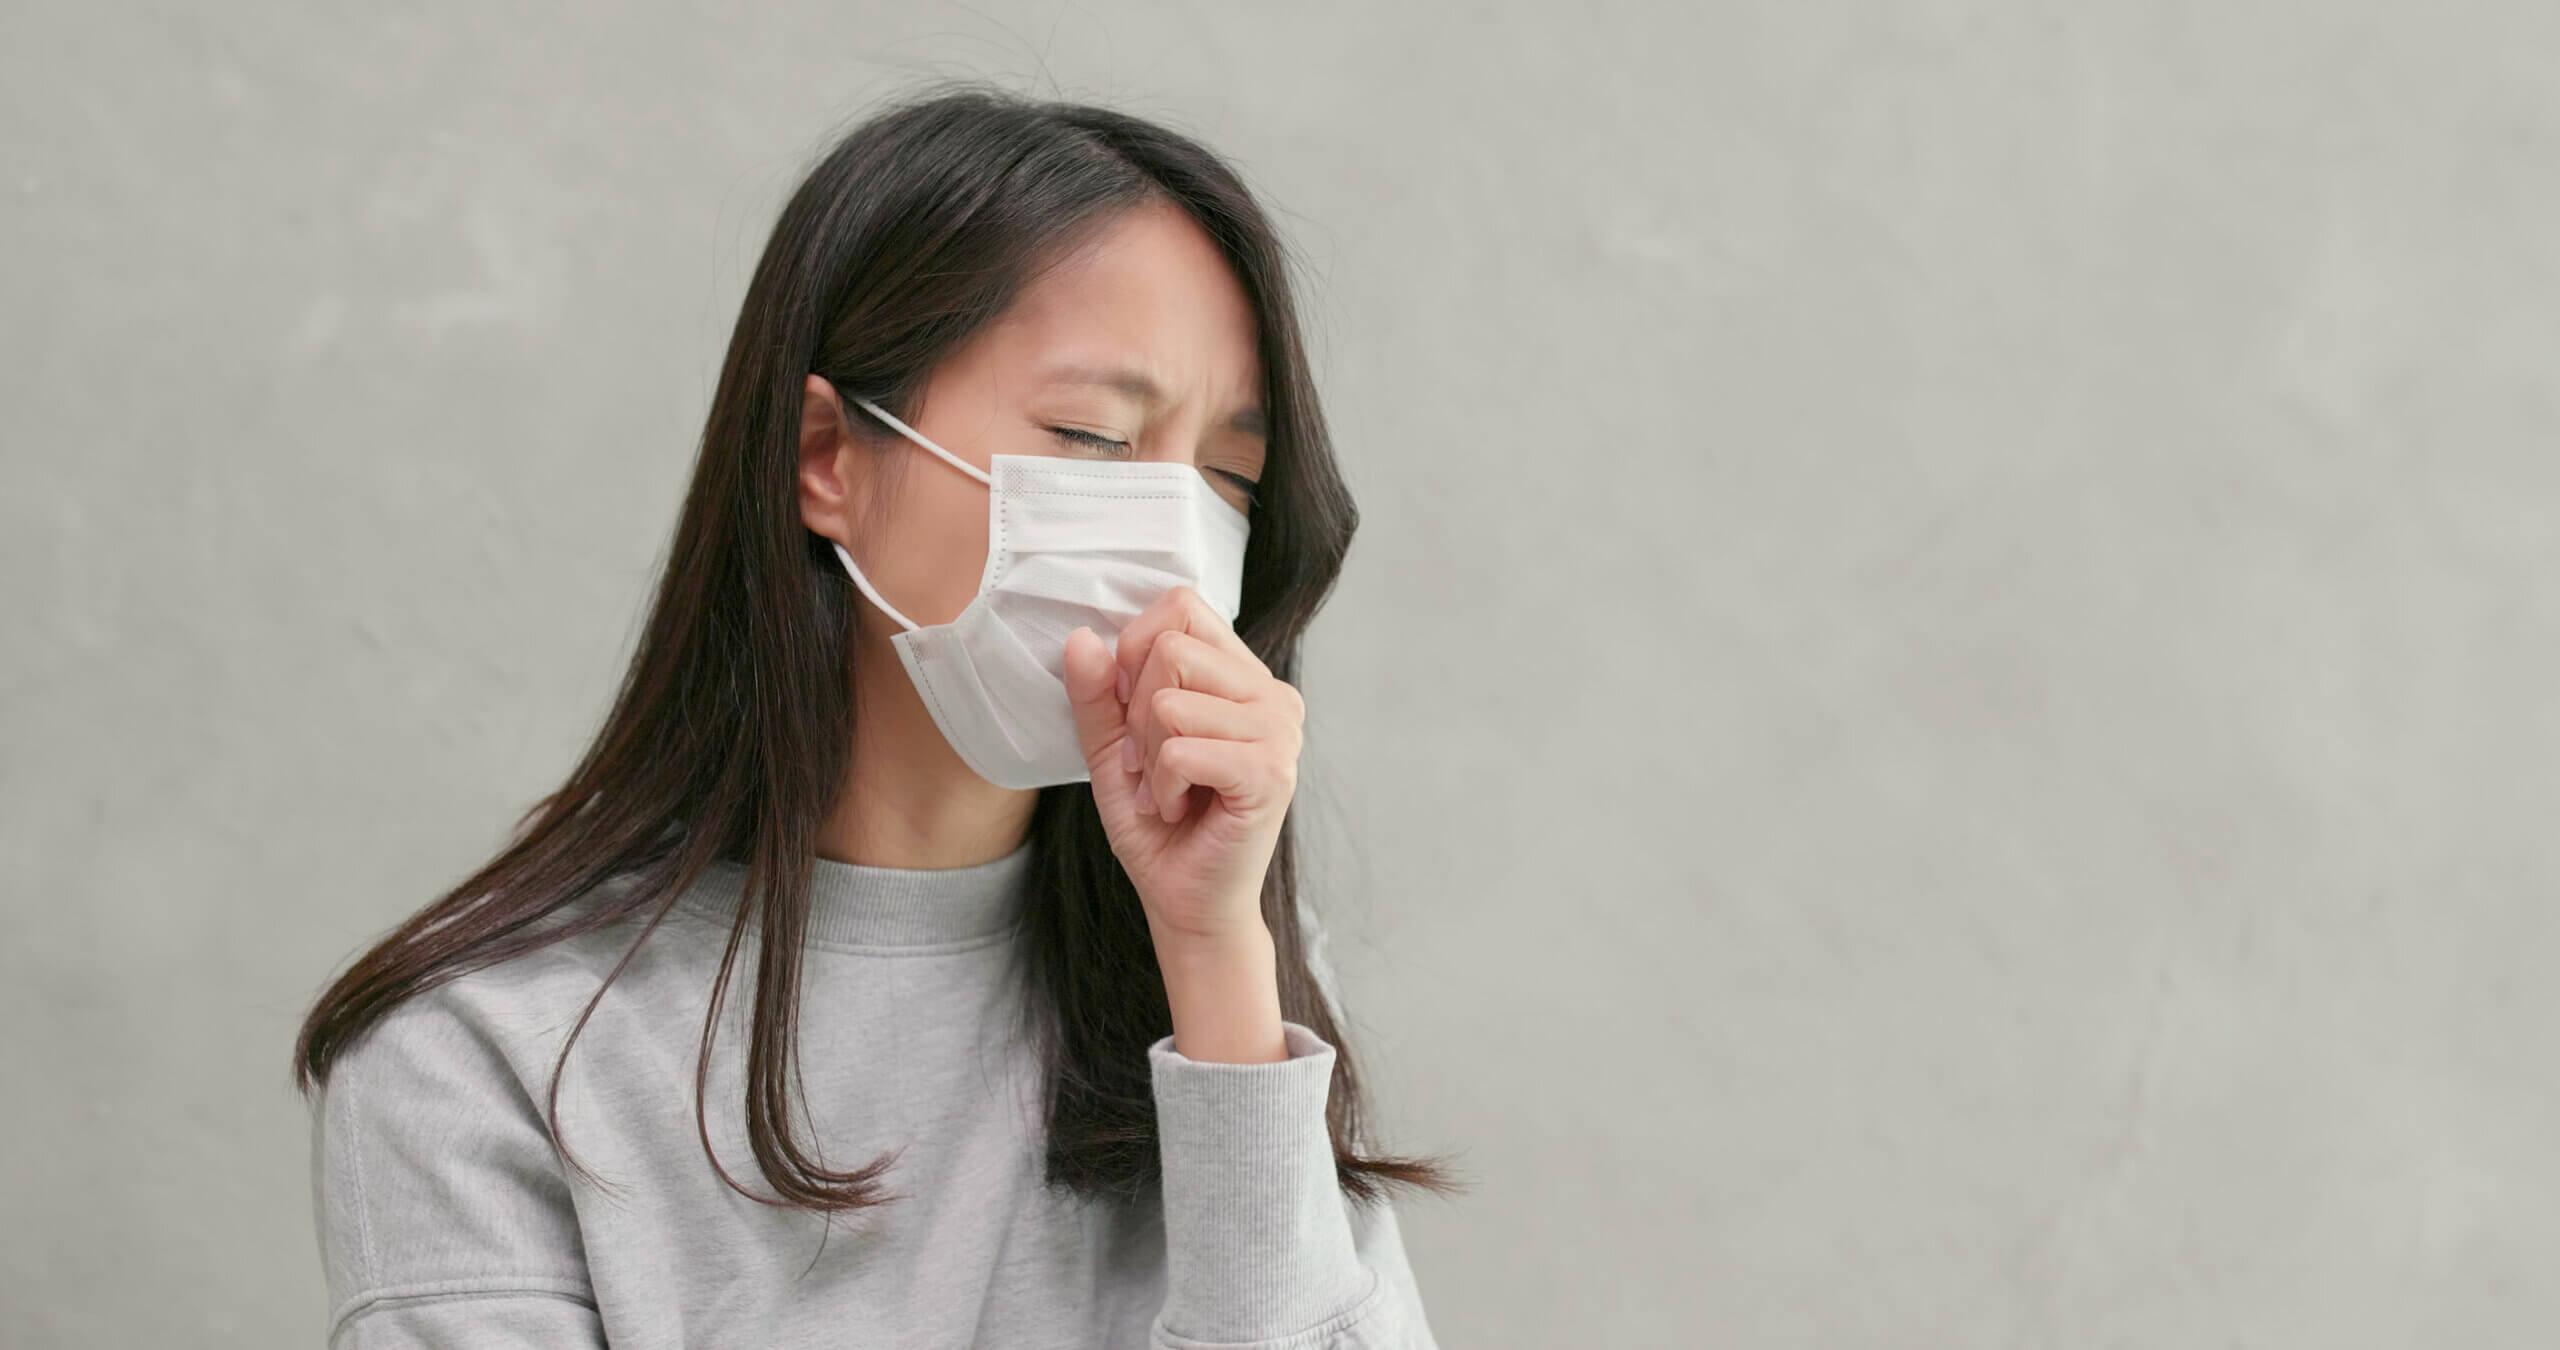 Perché abbiamo la febbre quando siamo malati? Le spiegazioni sono diverse.